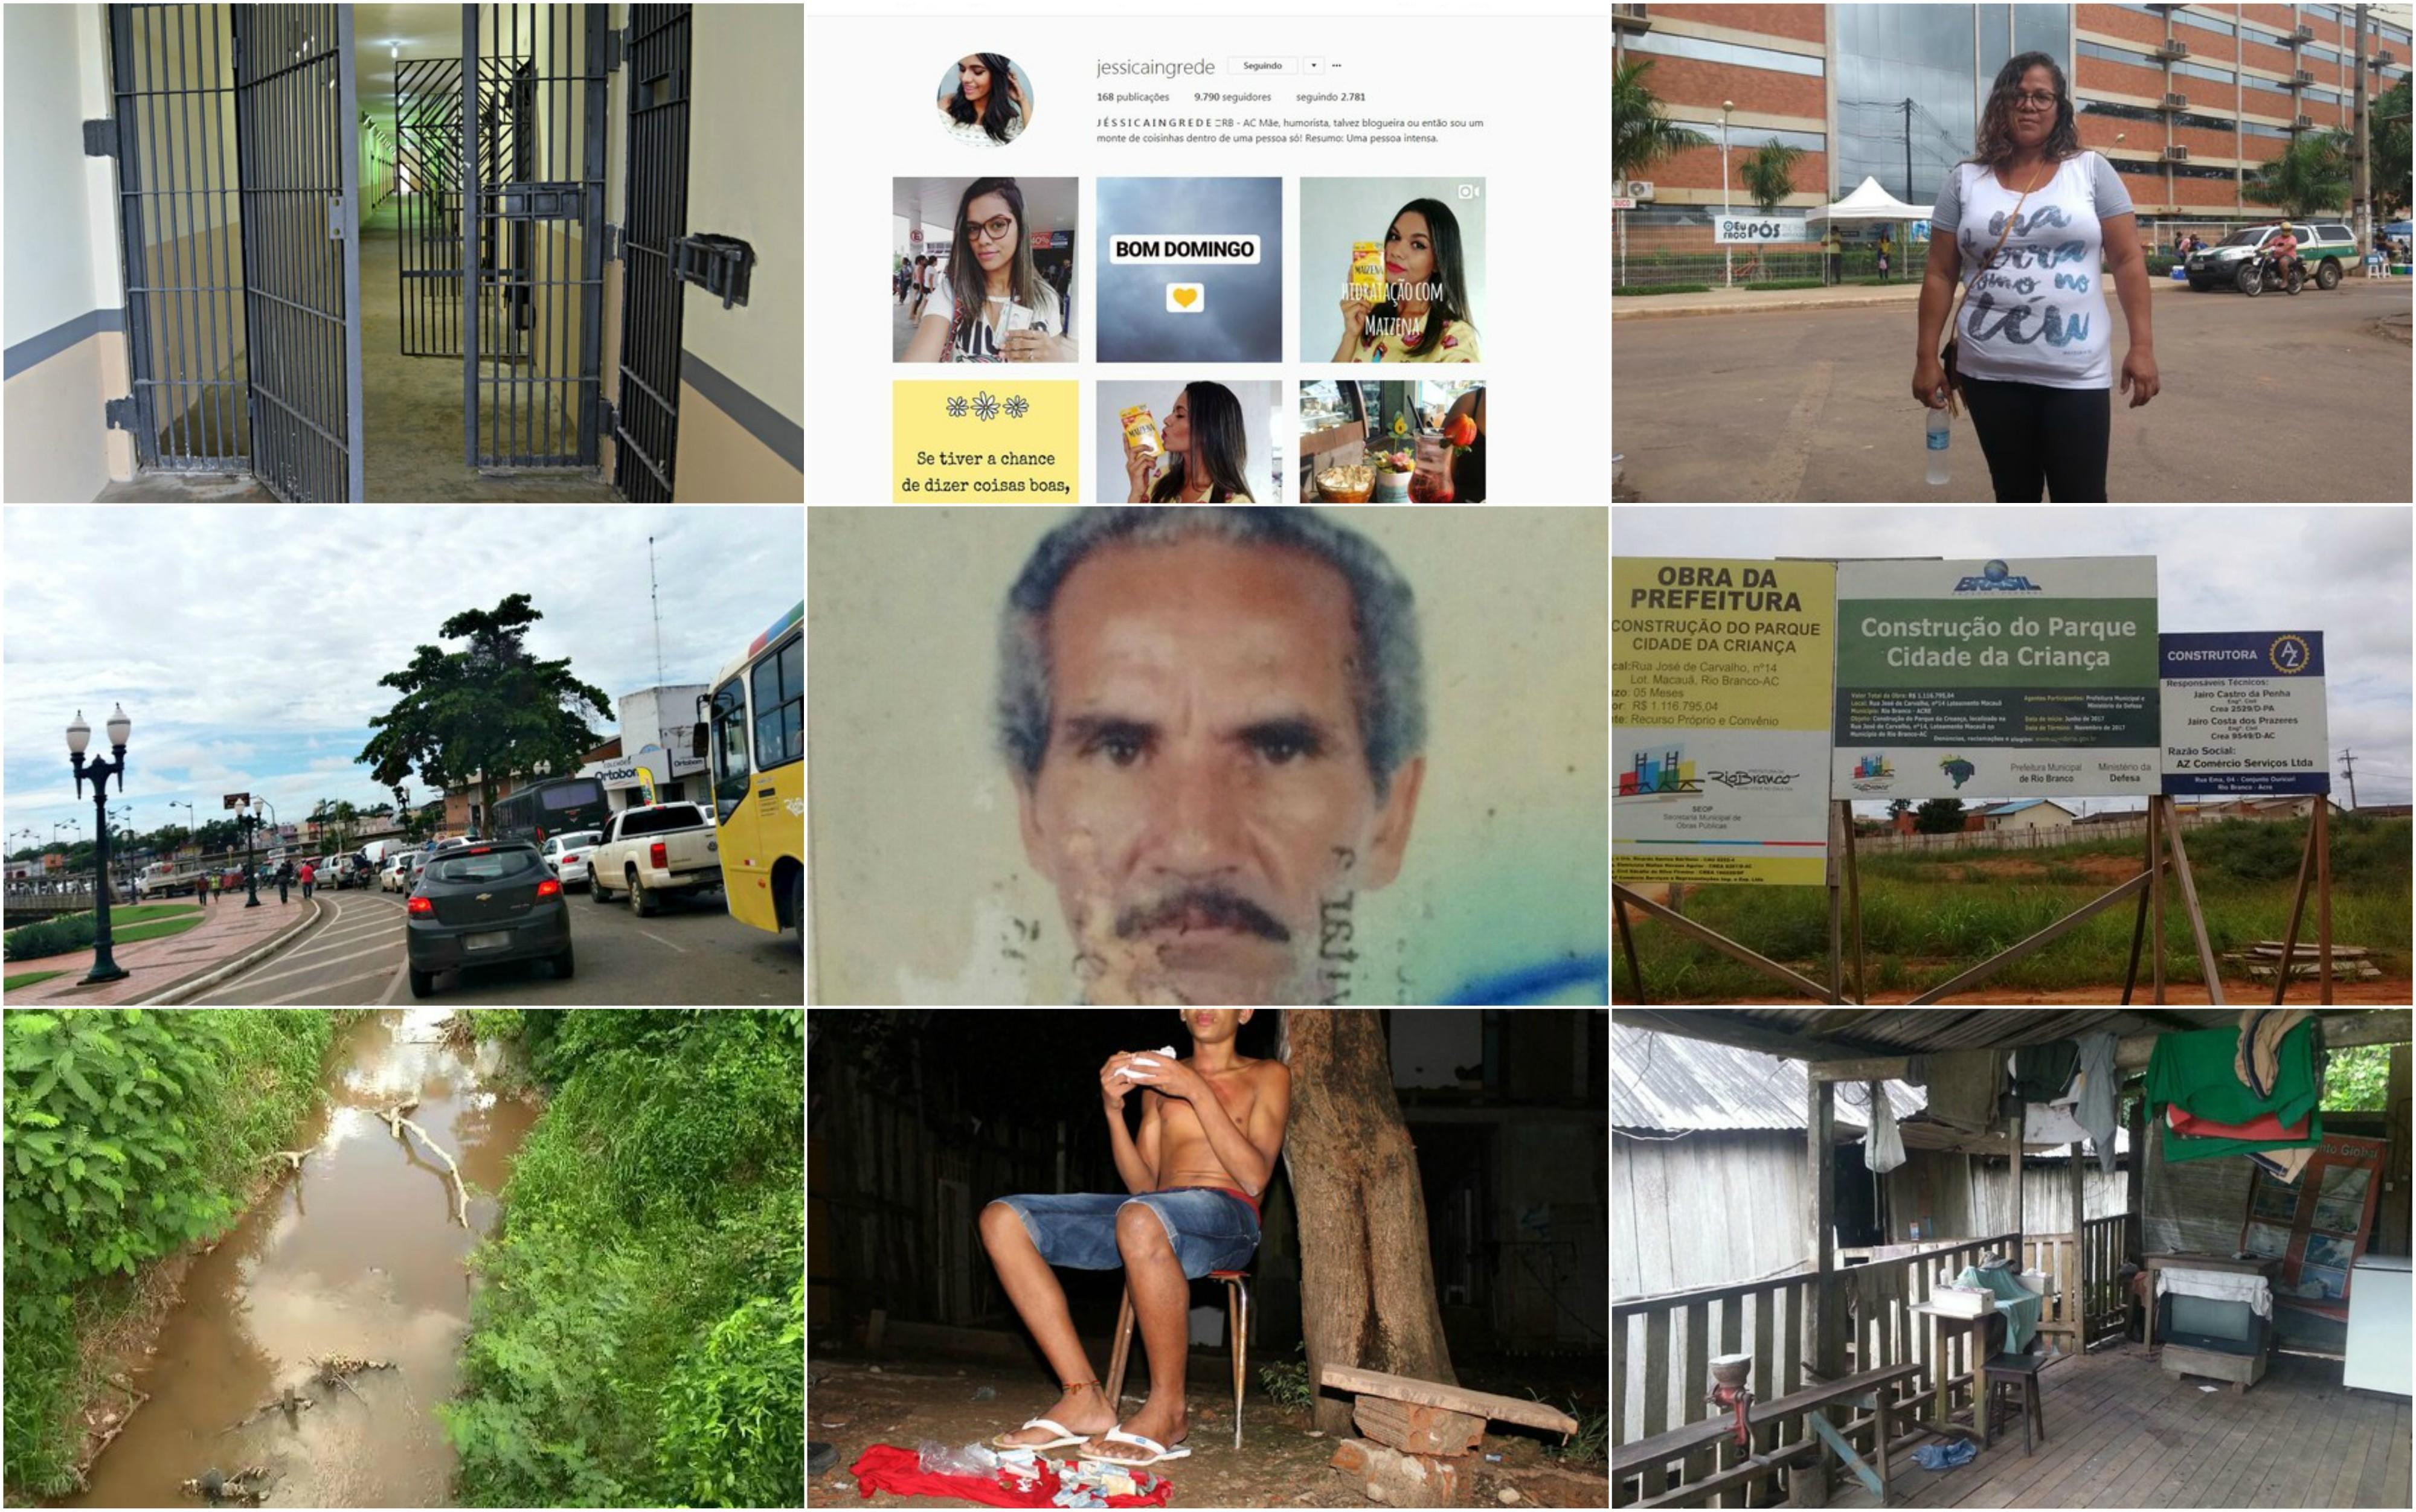 Você viu? Segundo dia do Enem, 'blogueira do povo', adolescente sumida faz post no Facebook e mais